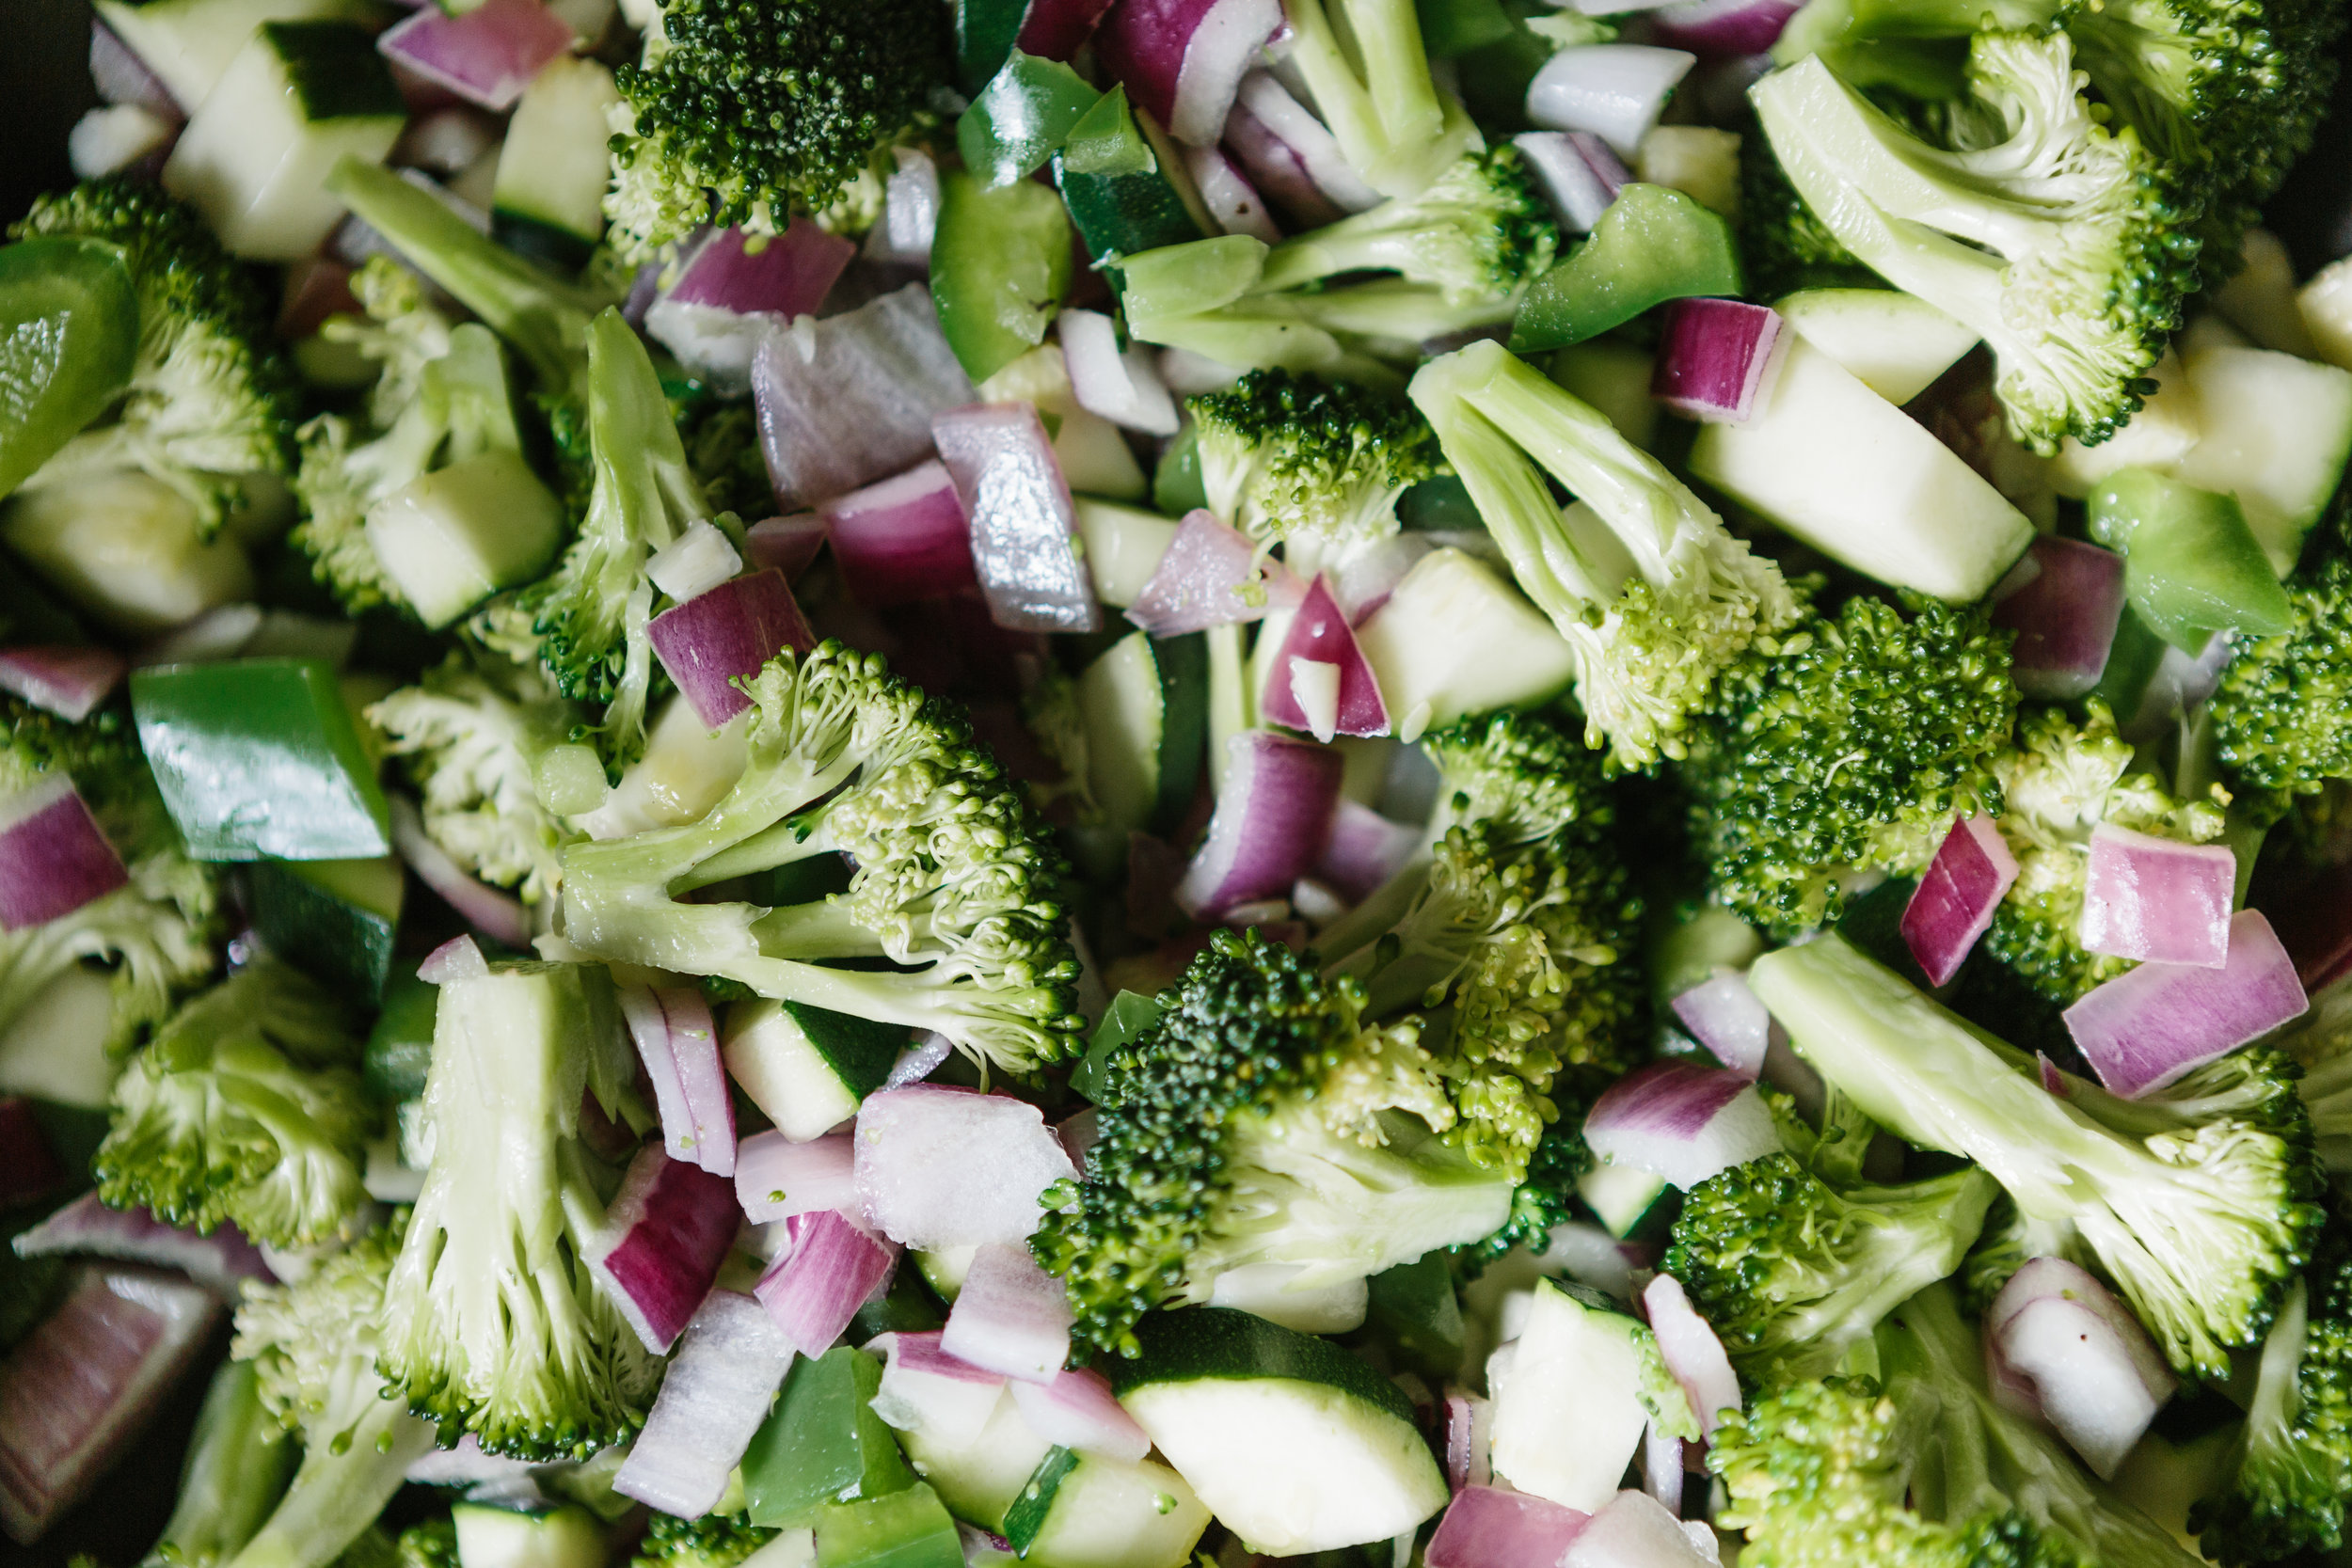 APT_VegetarianVentures02.jpg